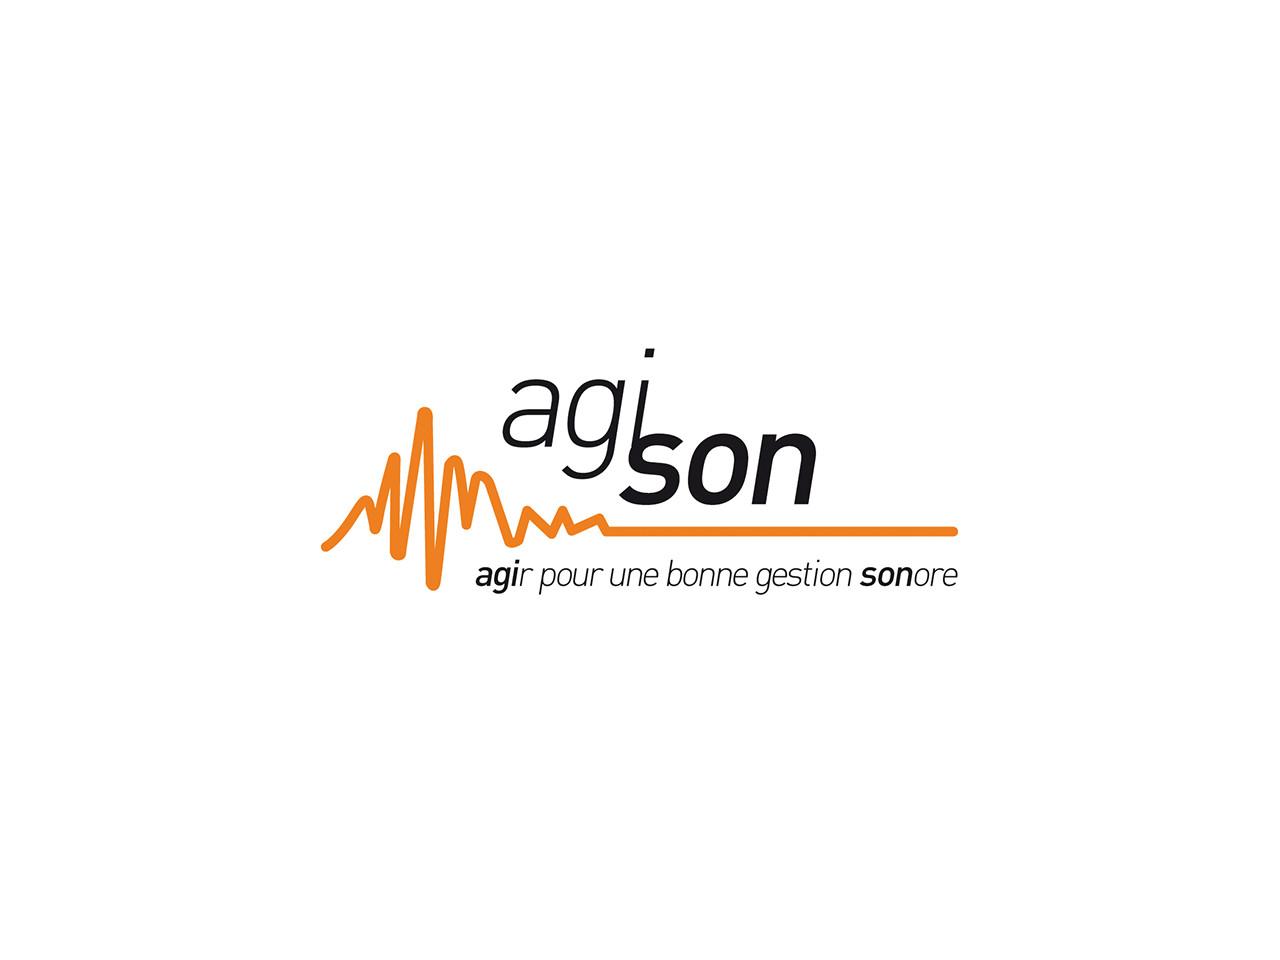 Agison